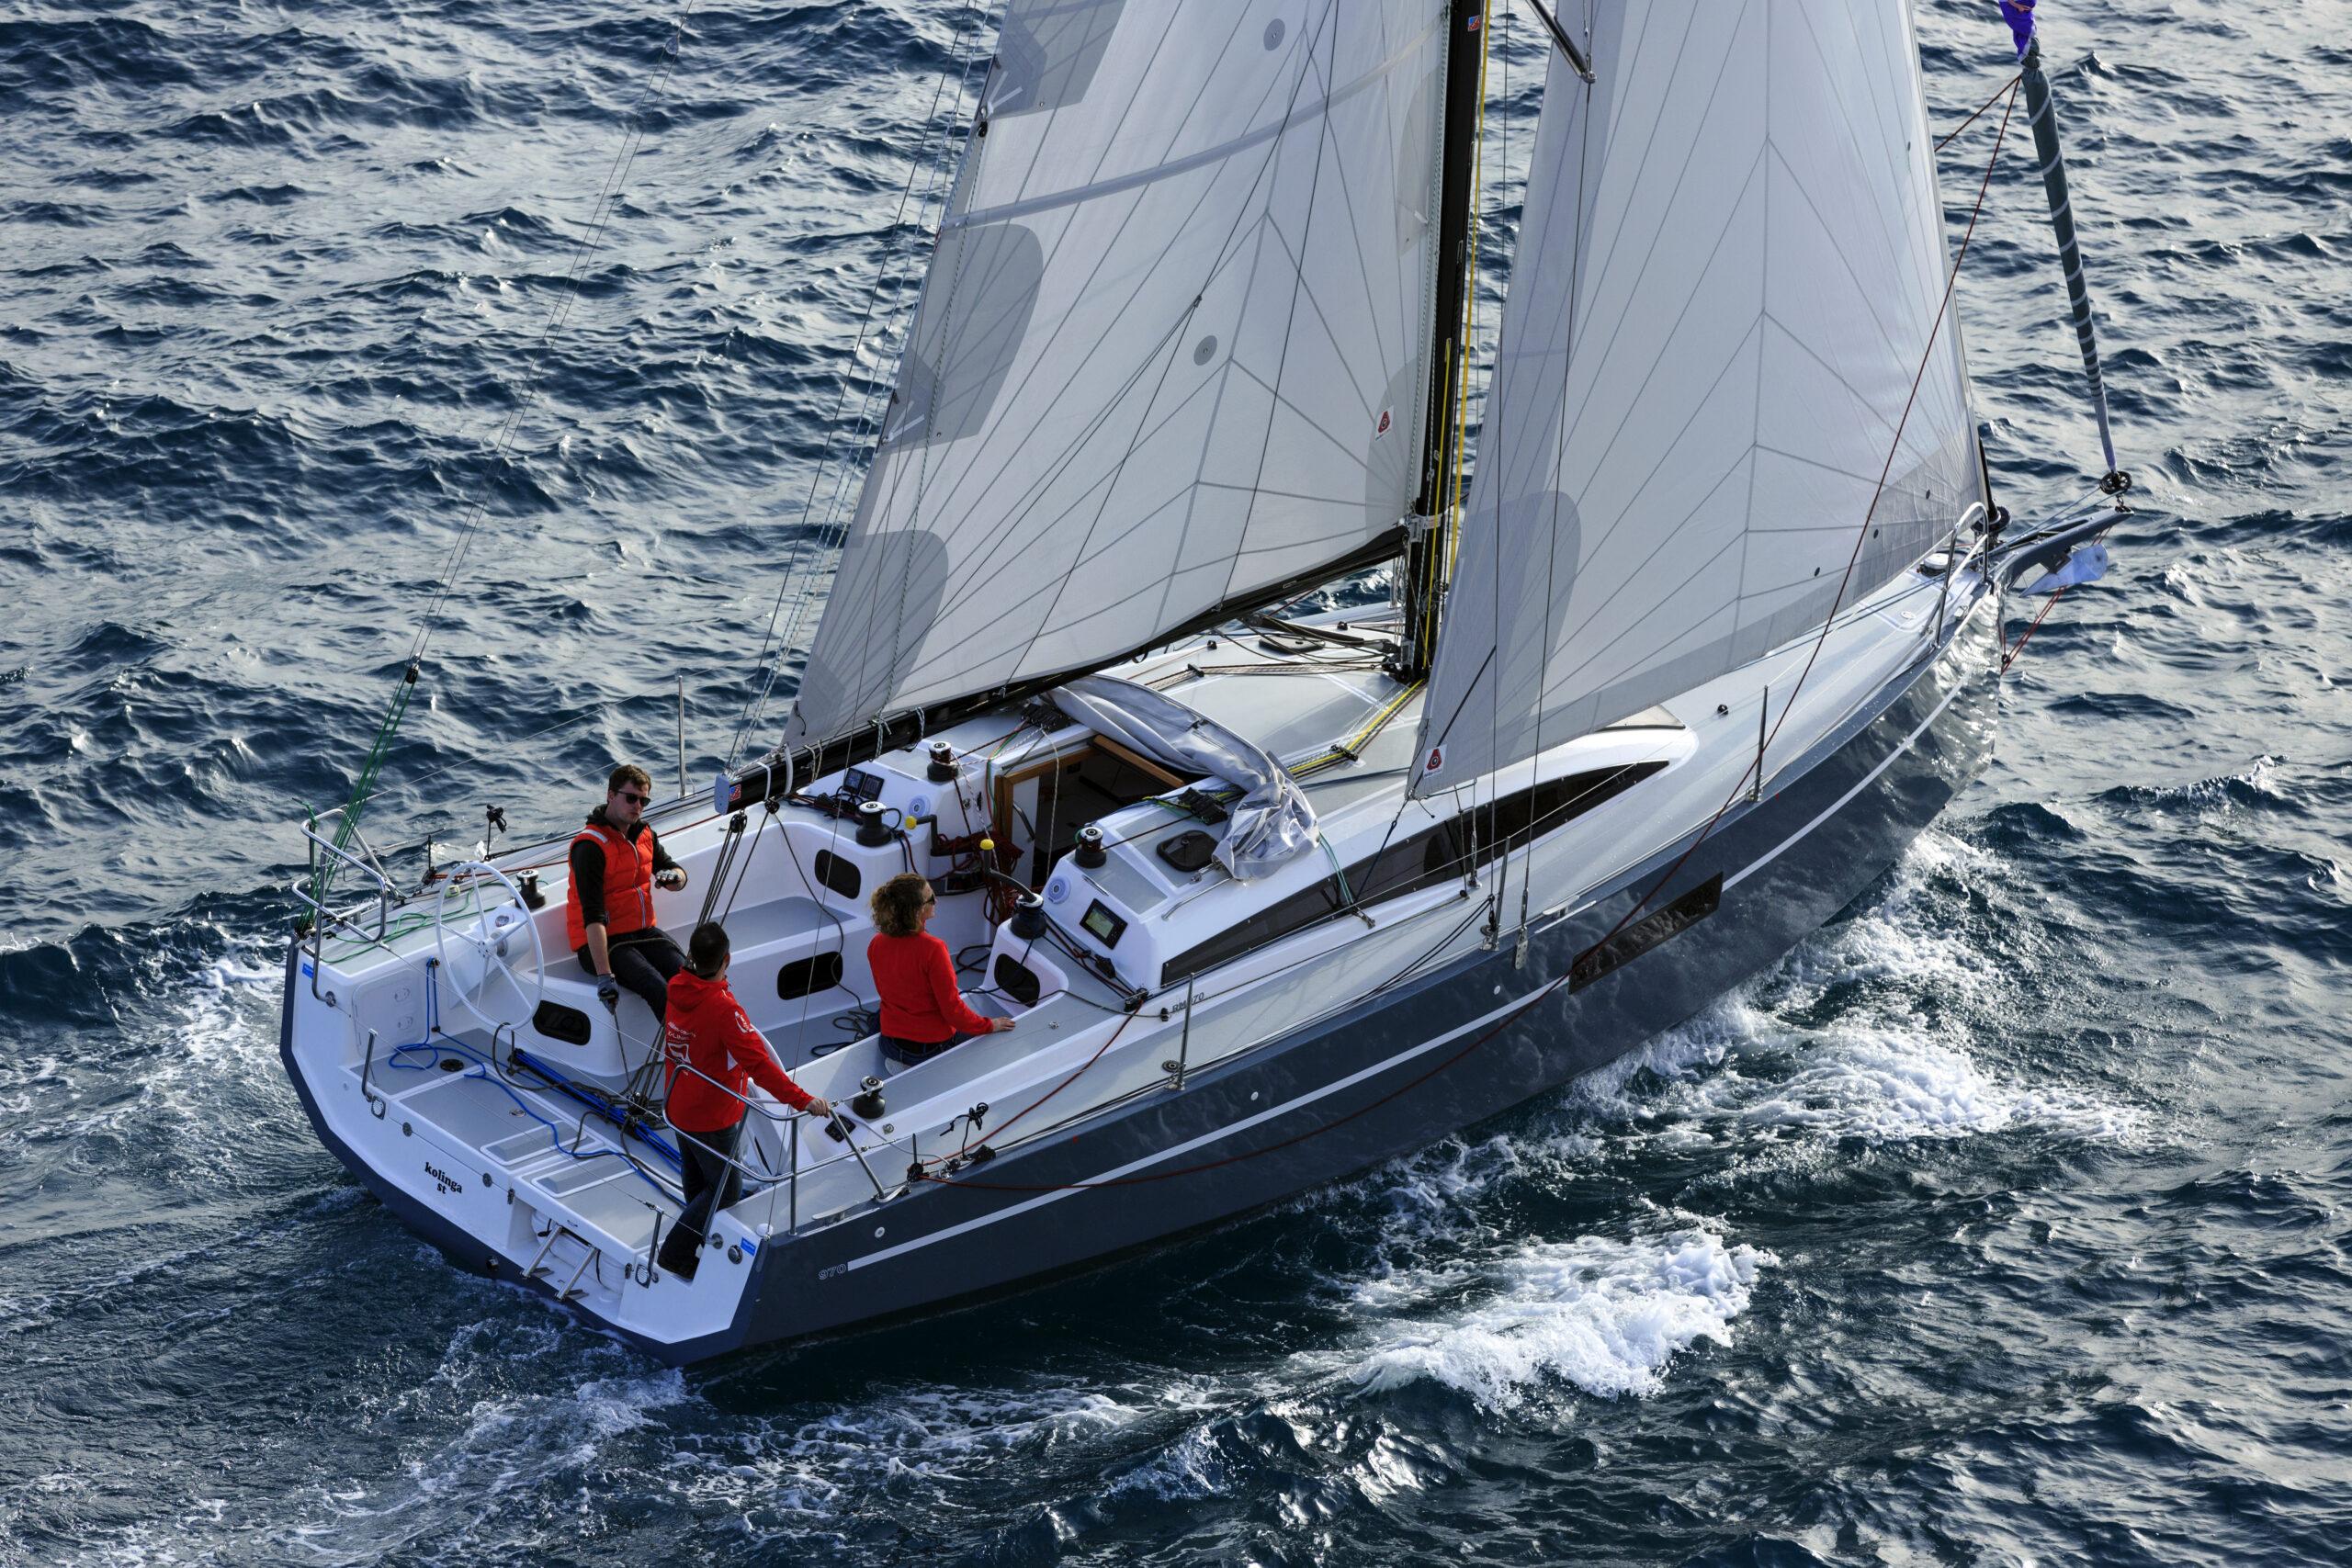 Jeanneau Sun Odyssey 380 at anchor